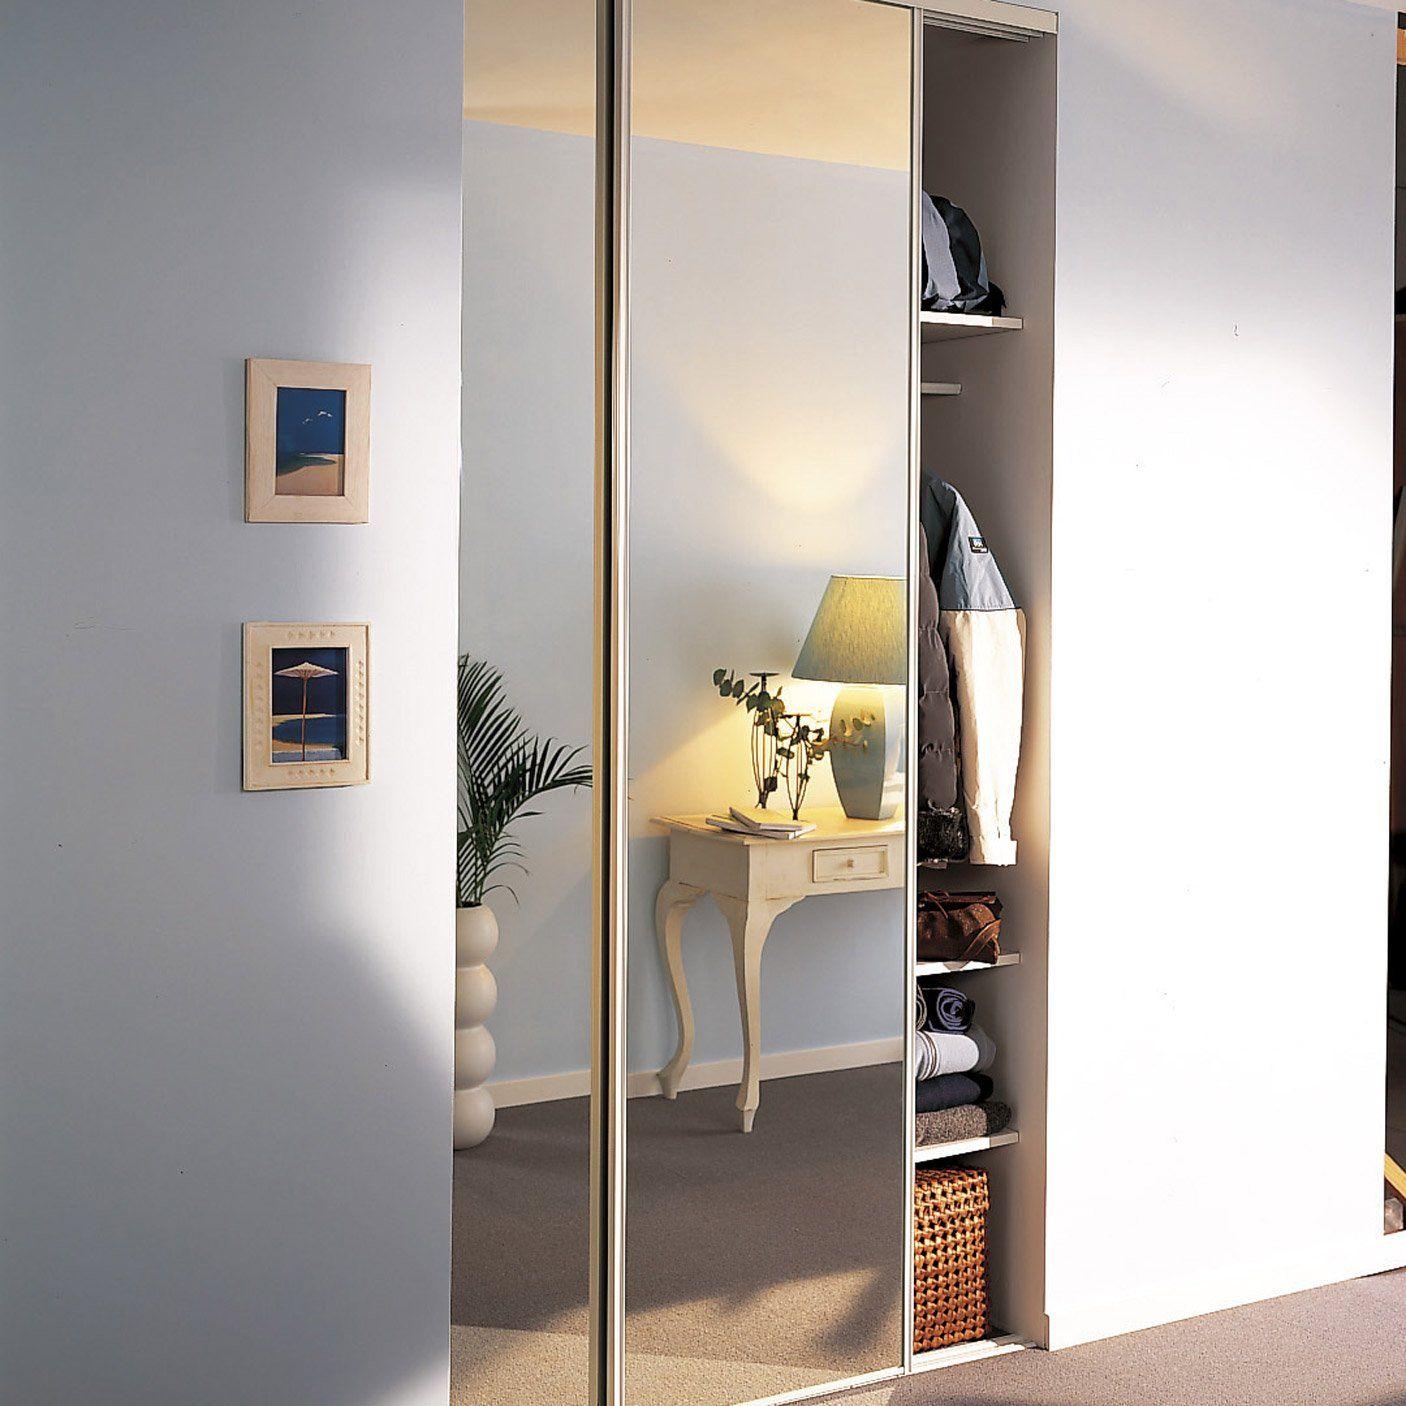 Matière PrincipaleMiroir Pinteres - Porte placard coulissante avec portes coulissantes vitrées intérieures